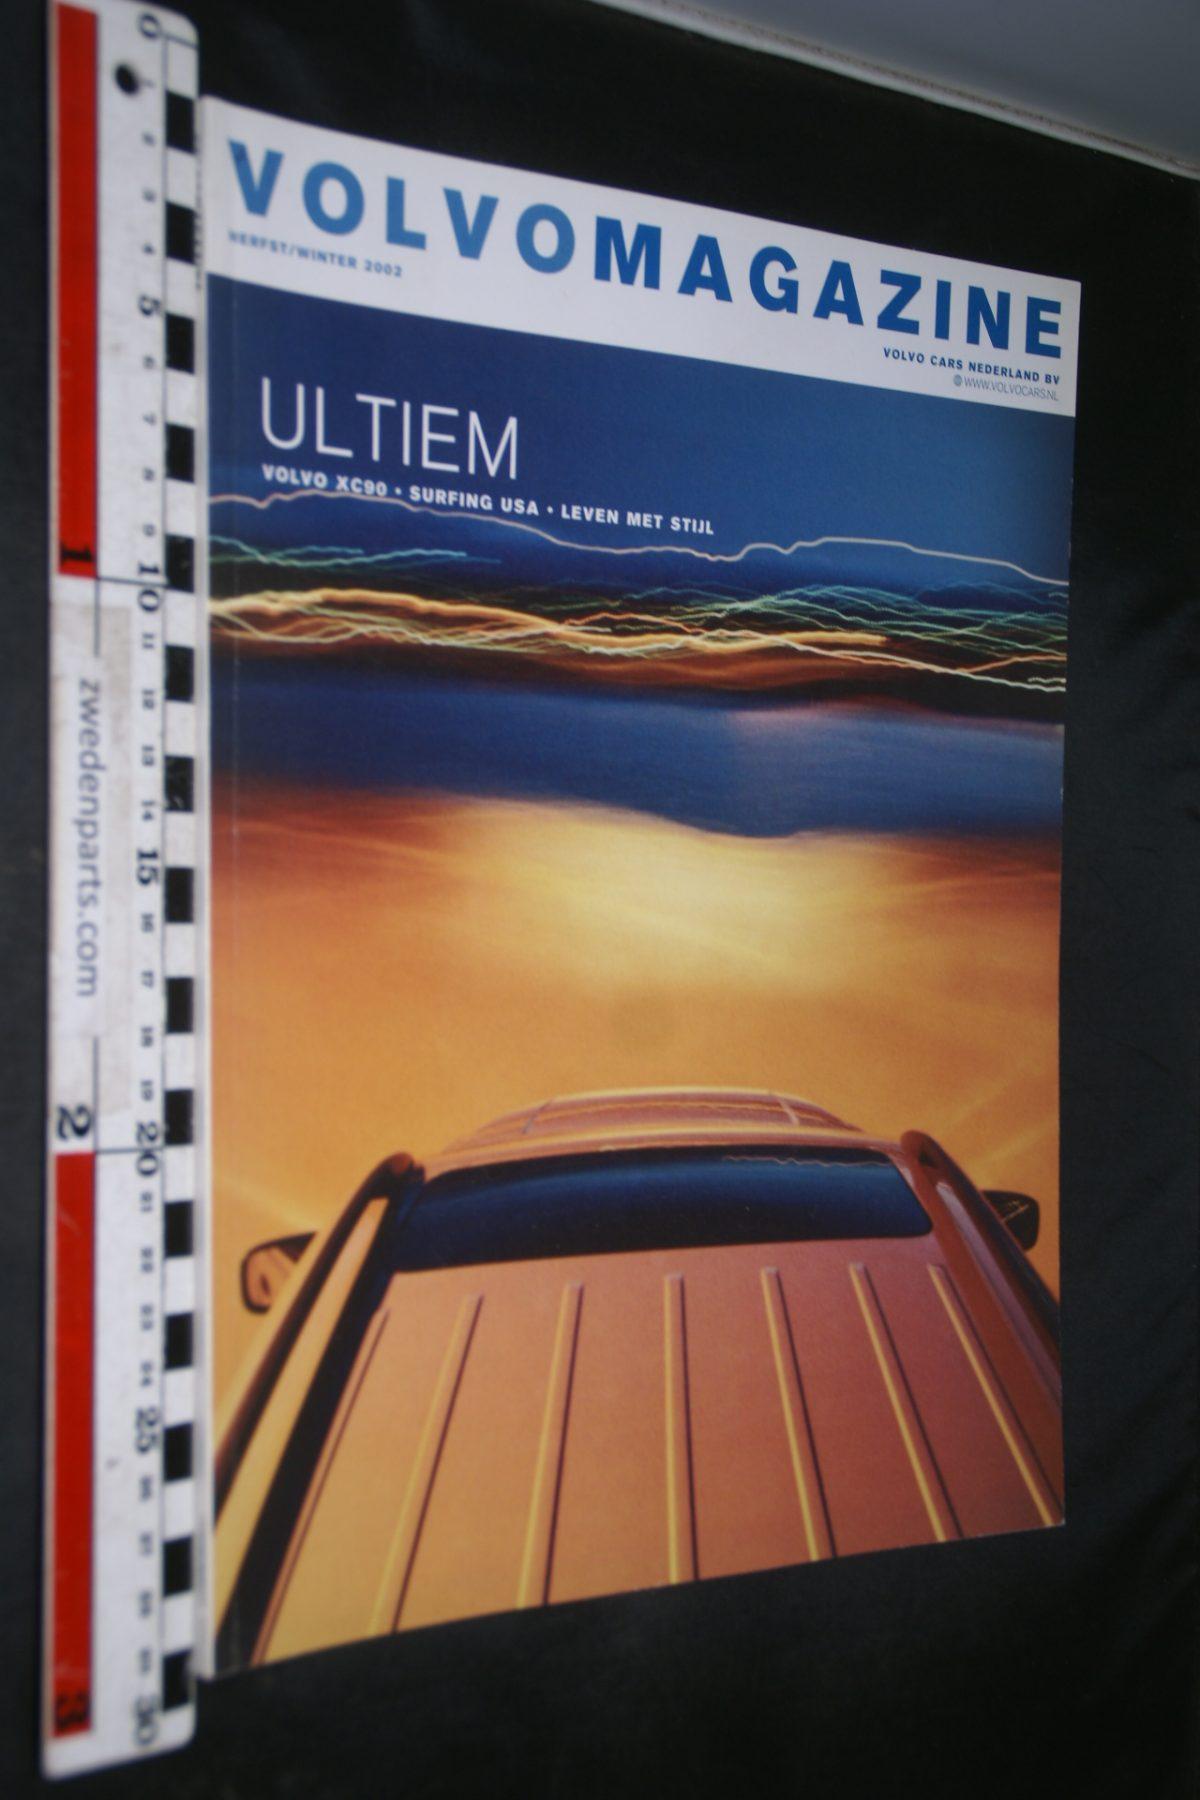 DSC04202 2002 winter tijdschrift Volvomagazine ultiem